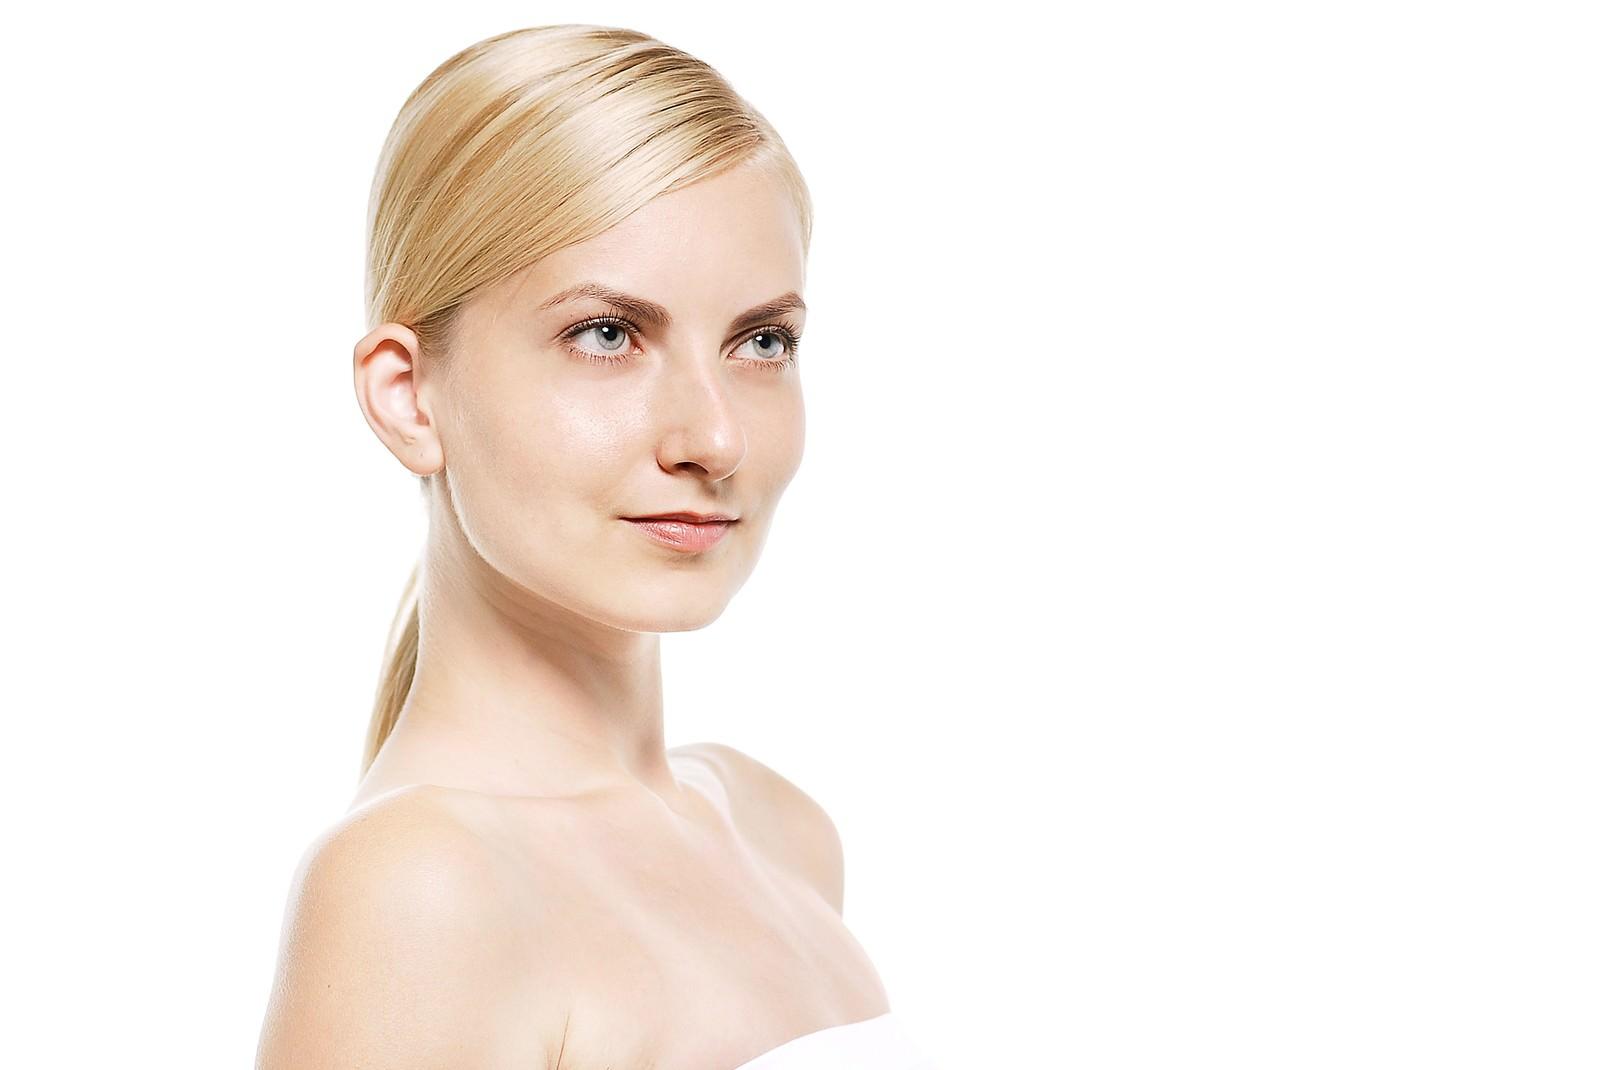 「見上げる金髪の外国人女性(美容)見上げる金髪の外国人女性(美容)」[モデル:モデルファクトリー]のフリー写真素材を拡大